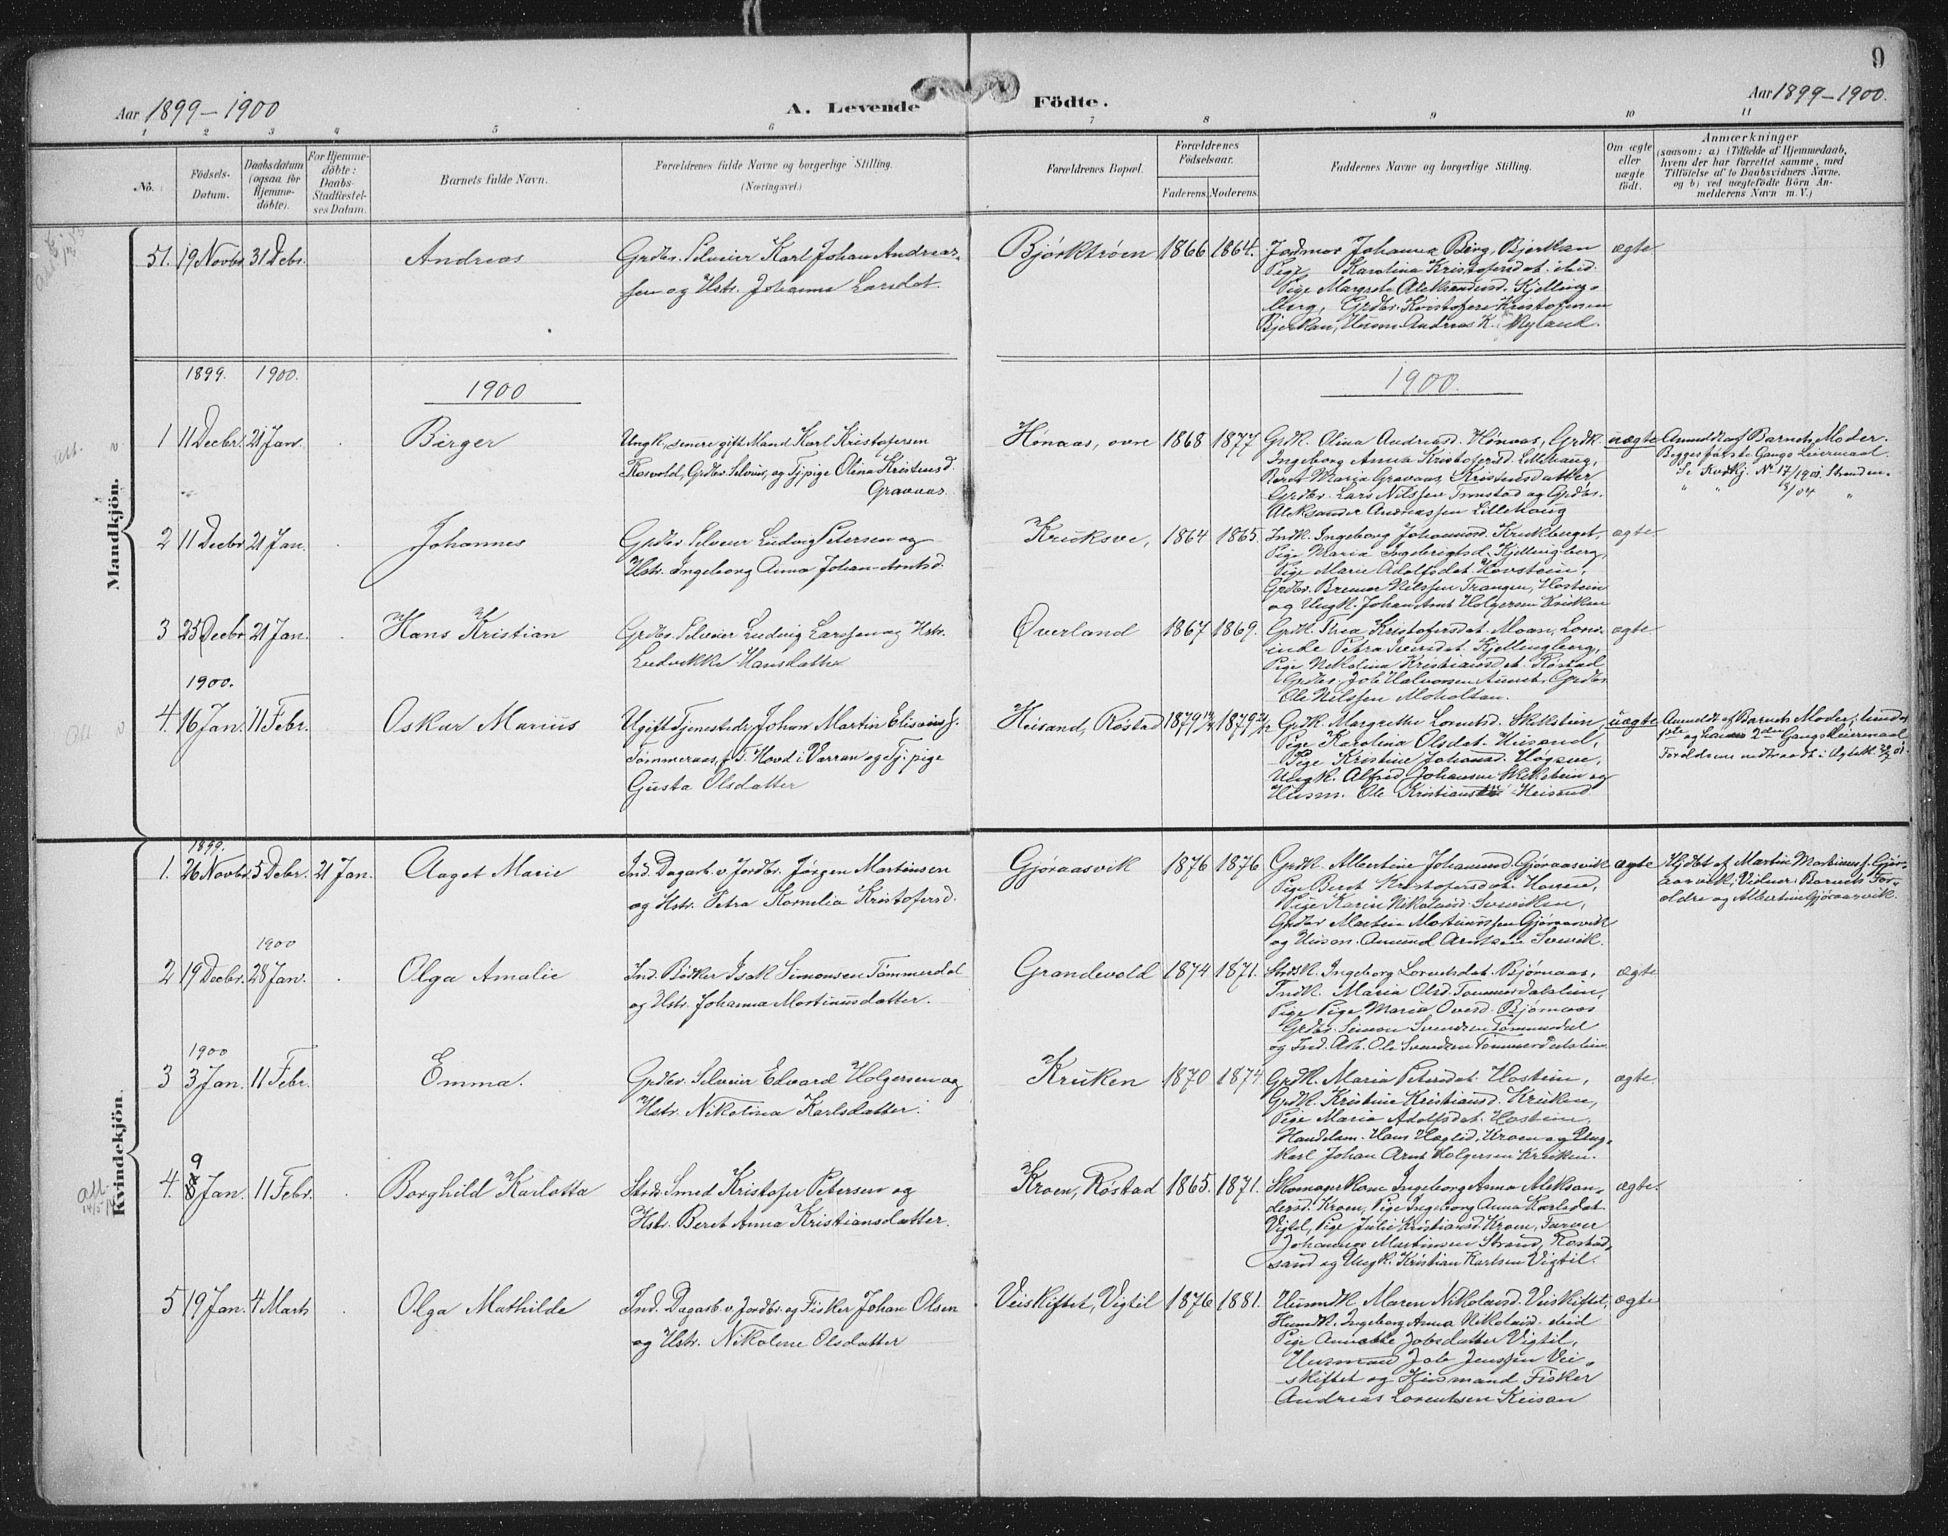 SAT, Ministerialprotokoller, klokkerbøker og fødselsregistre - Nord-Trøndelag, 701/L0011: Ministerialbok nr. 701A11, 1899-1915, s. 9